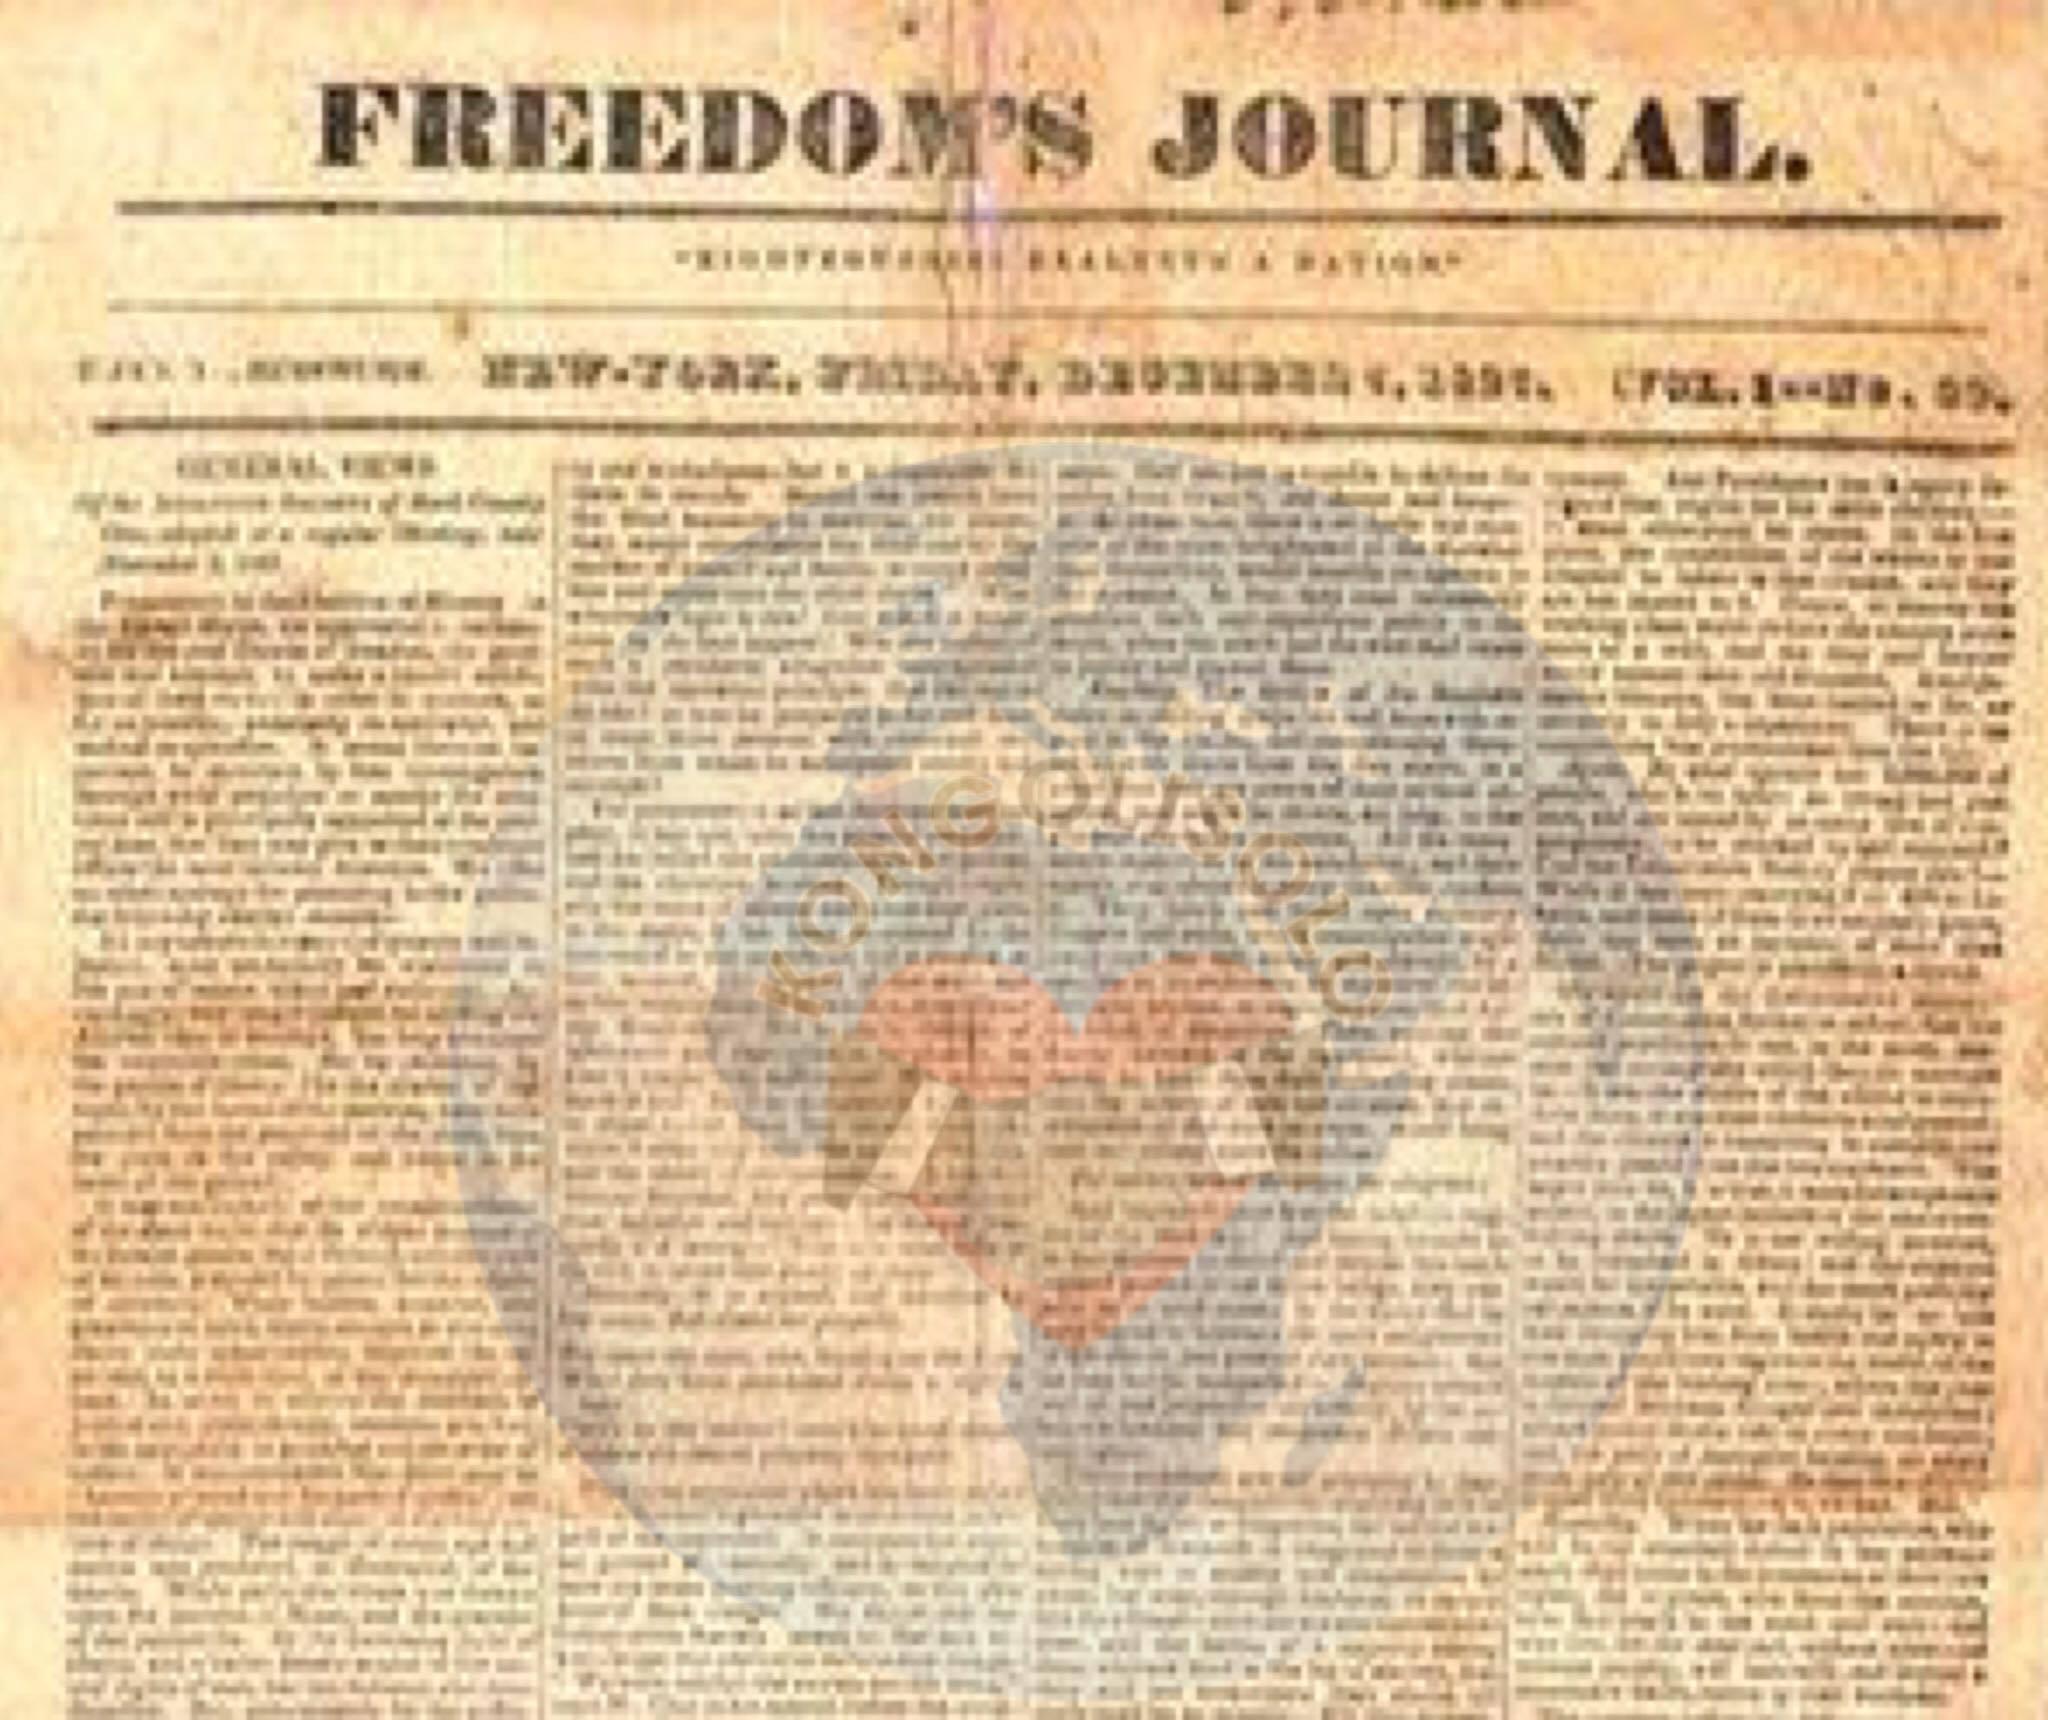 Journal Libète a se premye jounal ki dirije ak ekri pa Ameriken Afriken yo te pibliye nan Etazini yo nan 1827